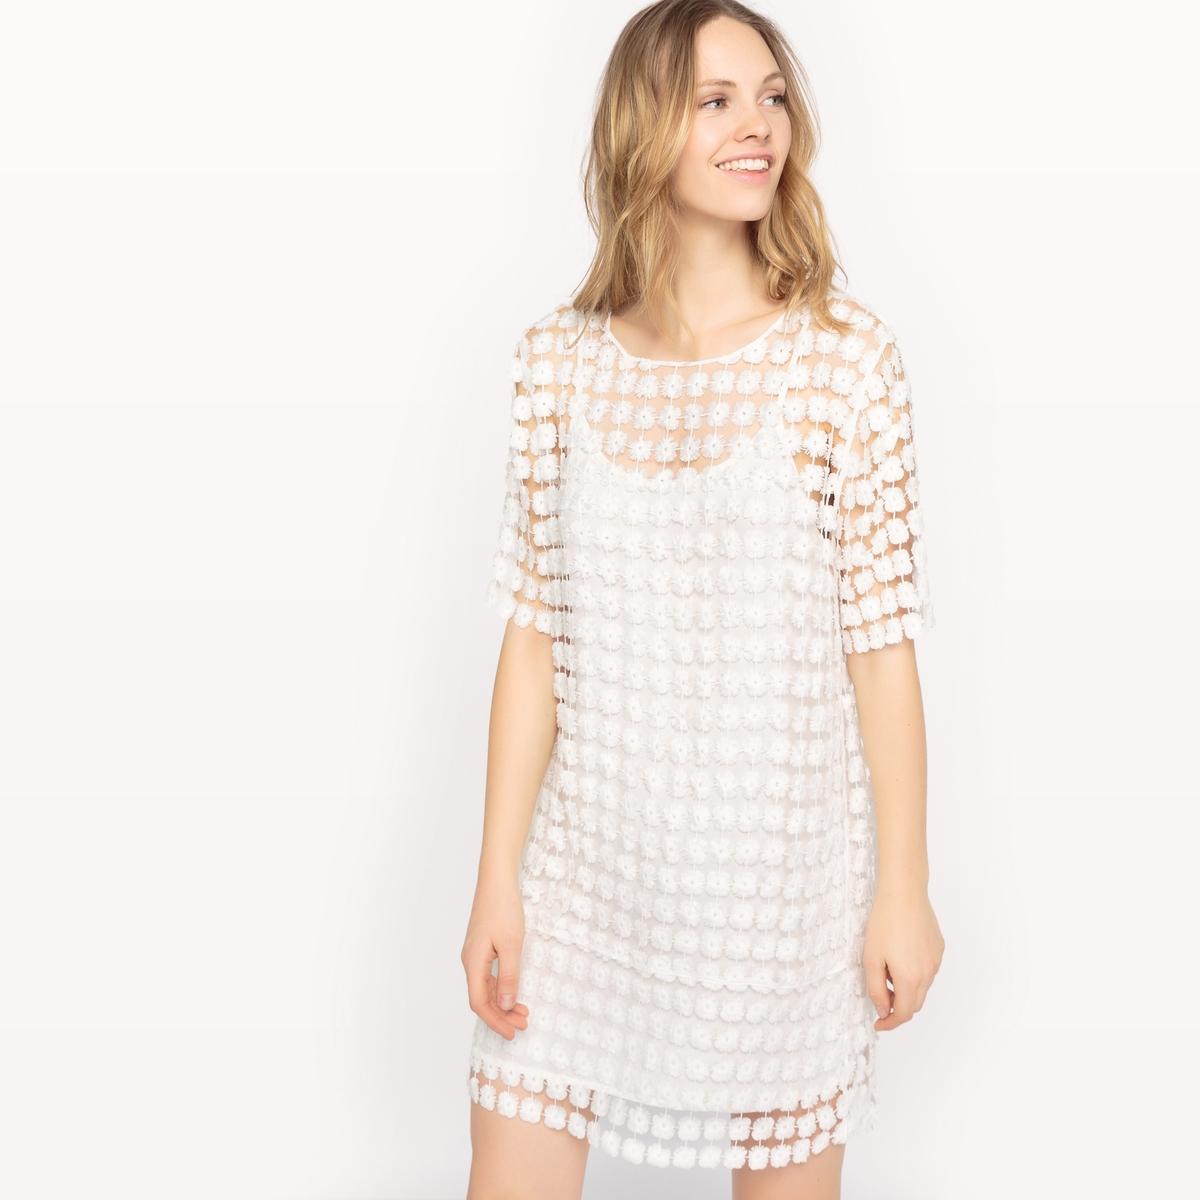 Платье с короткими рукавами и вышивкойДетали  •  Форма :прямая •  Укороченная модель •  Короткие рукава    •  Круглый вырезСостав и уход •  100% вискоза •  Следуйте советам по уходу, указанным на этикетке<br><br>Цвет: белый,оранжевый/ коралловый<br>Размер: XS